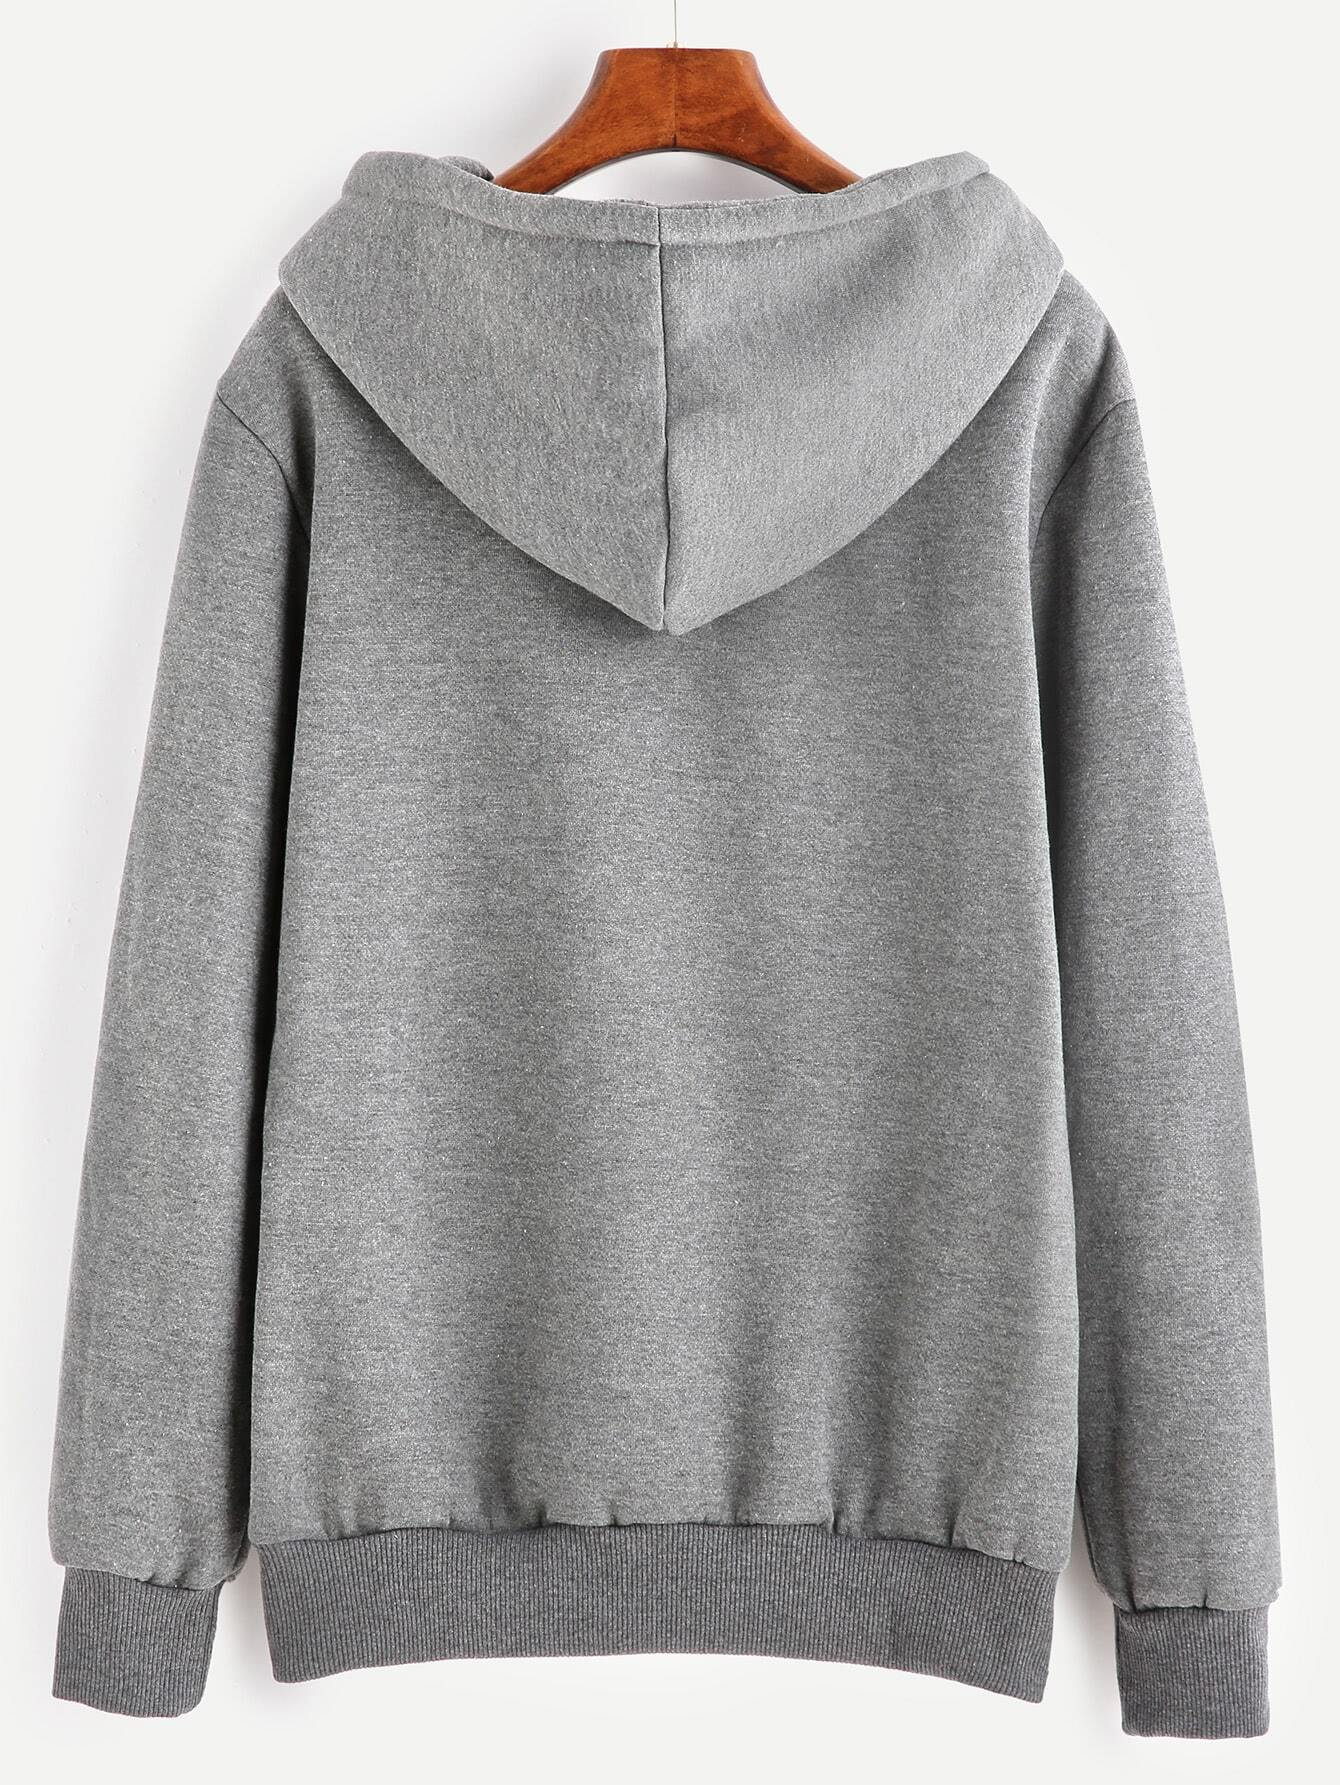 sweatshirt160823001_2